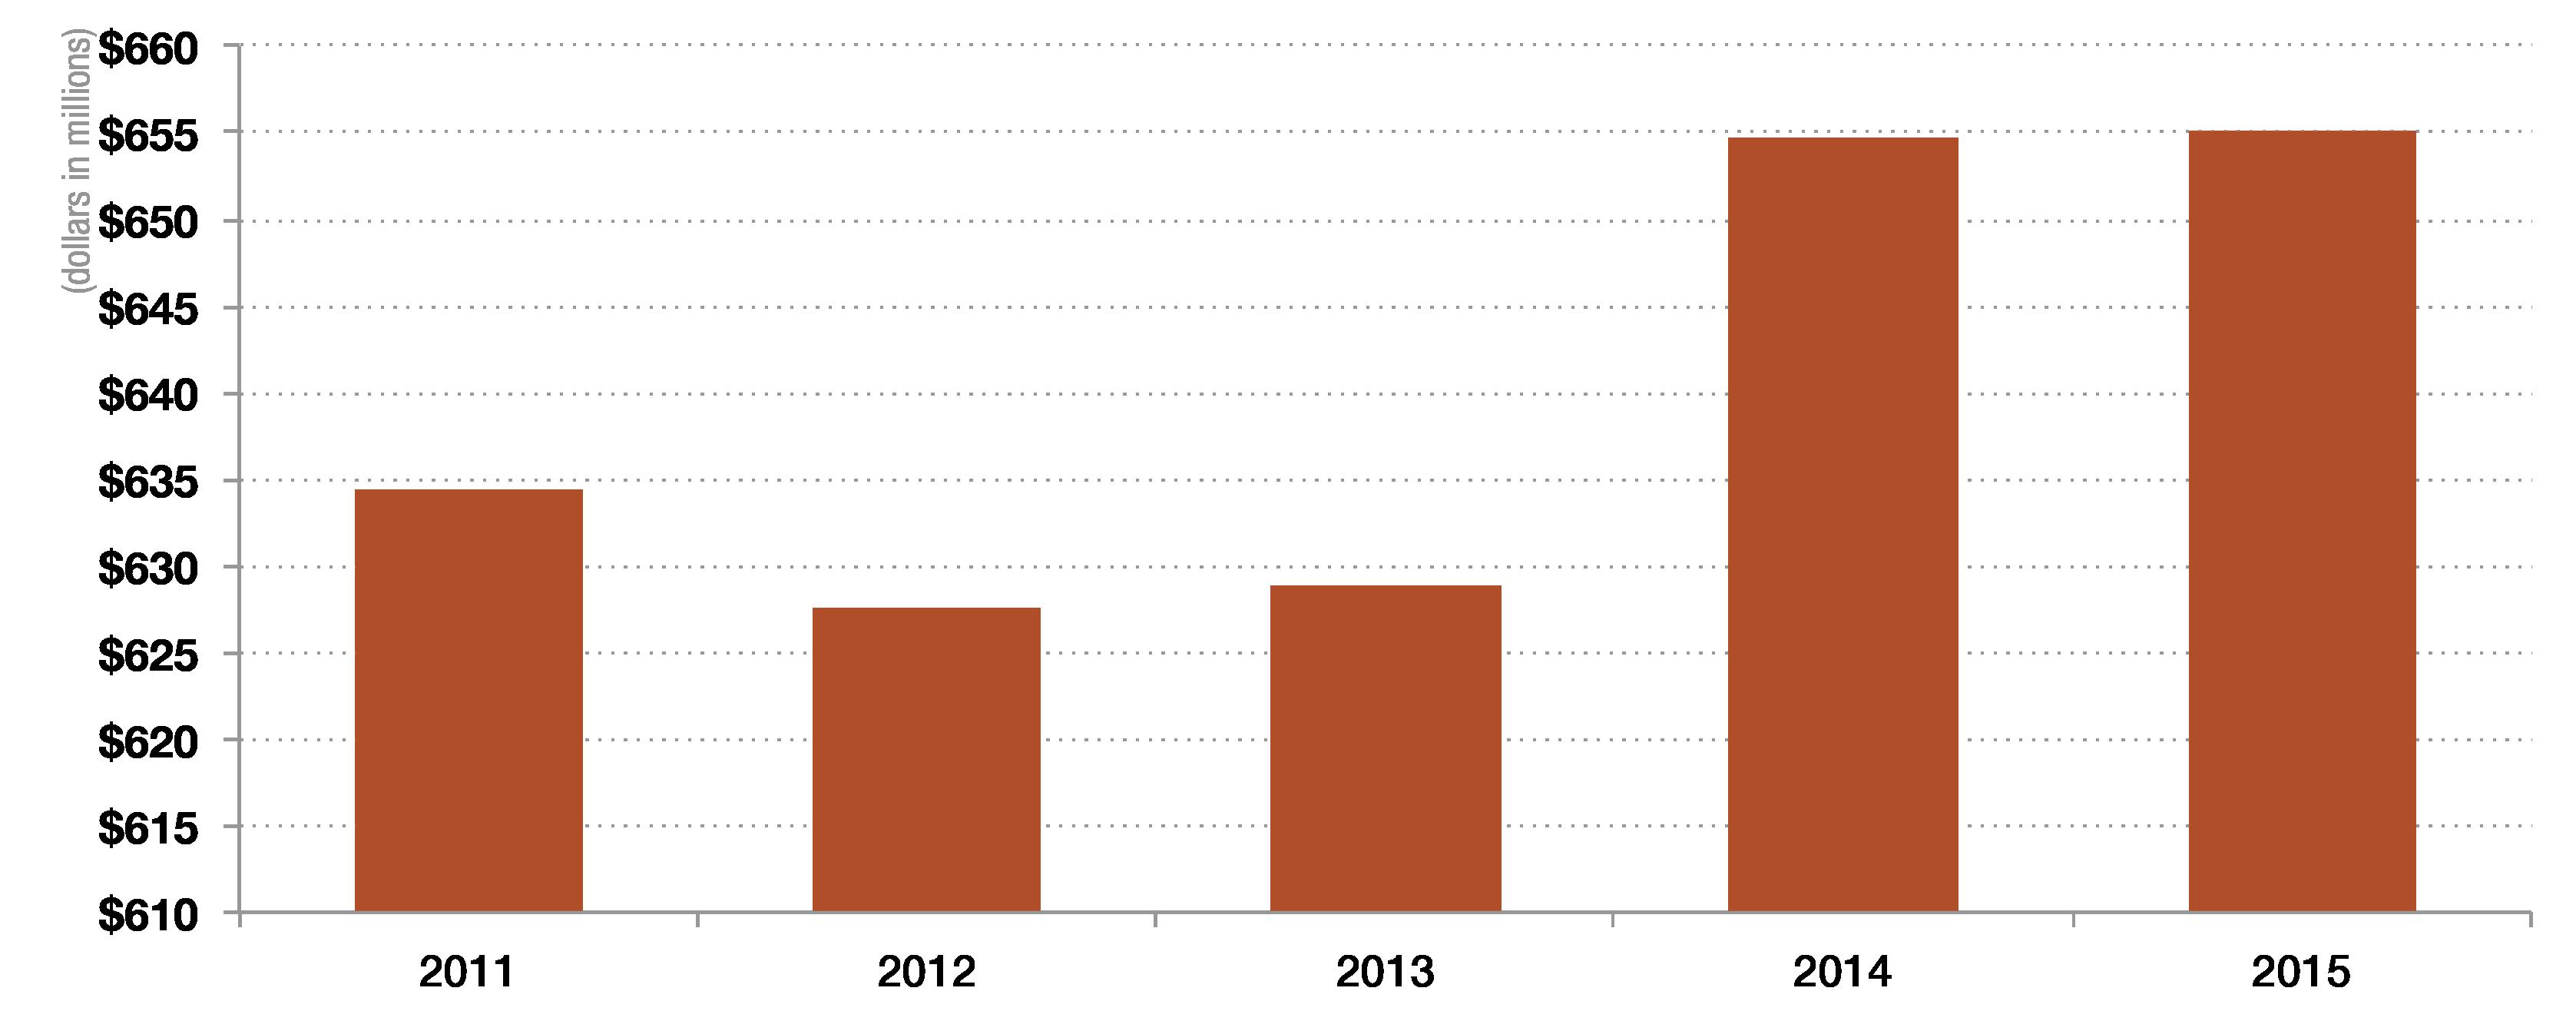 2015financials_shareholdersequity